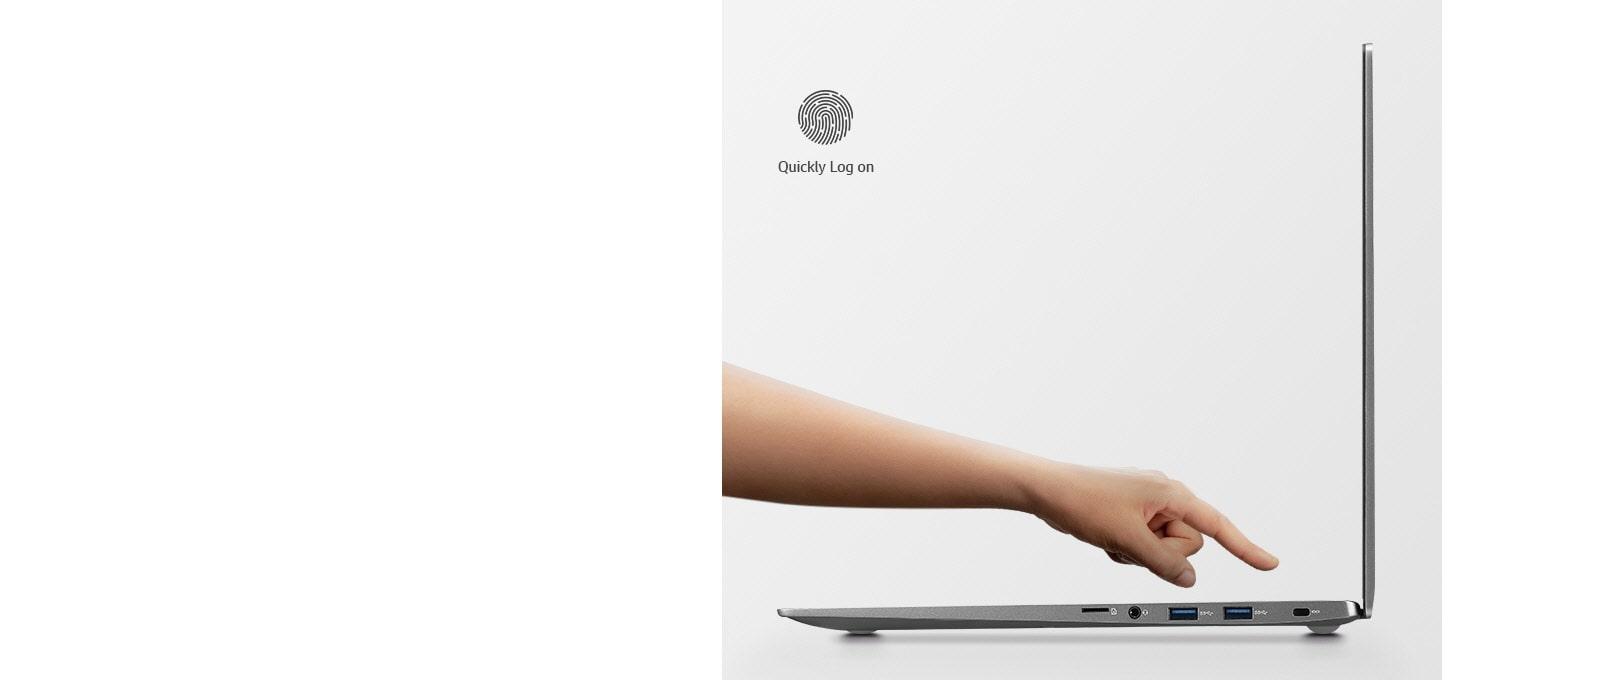 15.6 inch gram laptop Fingerprint Reader